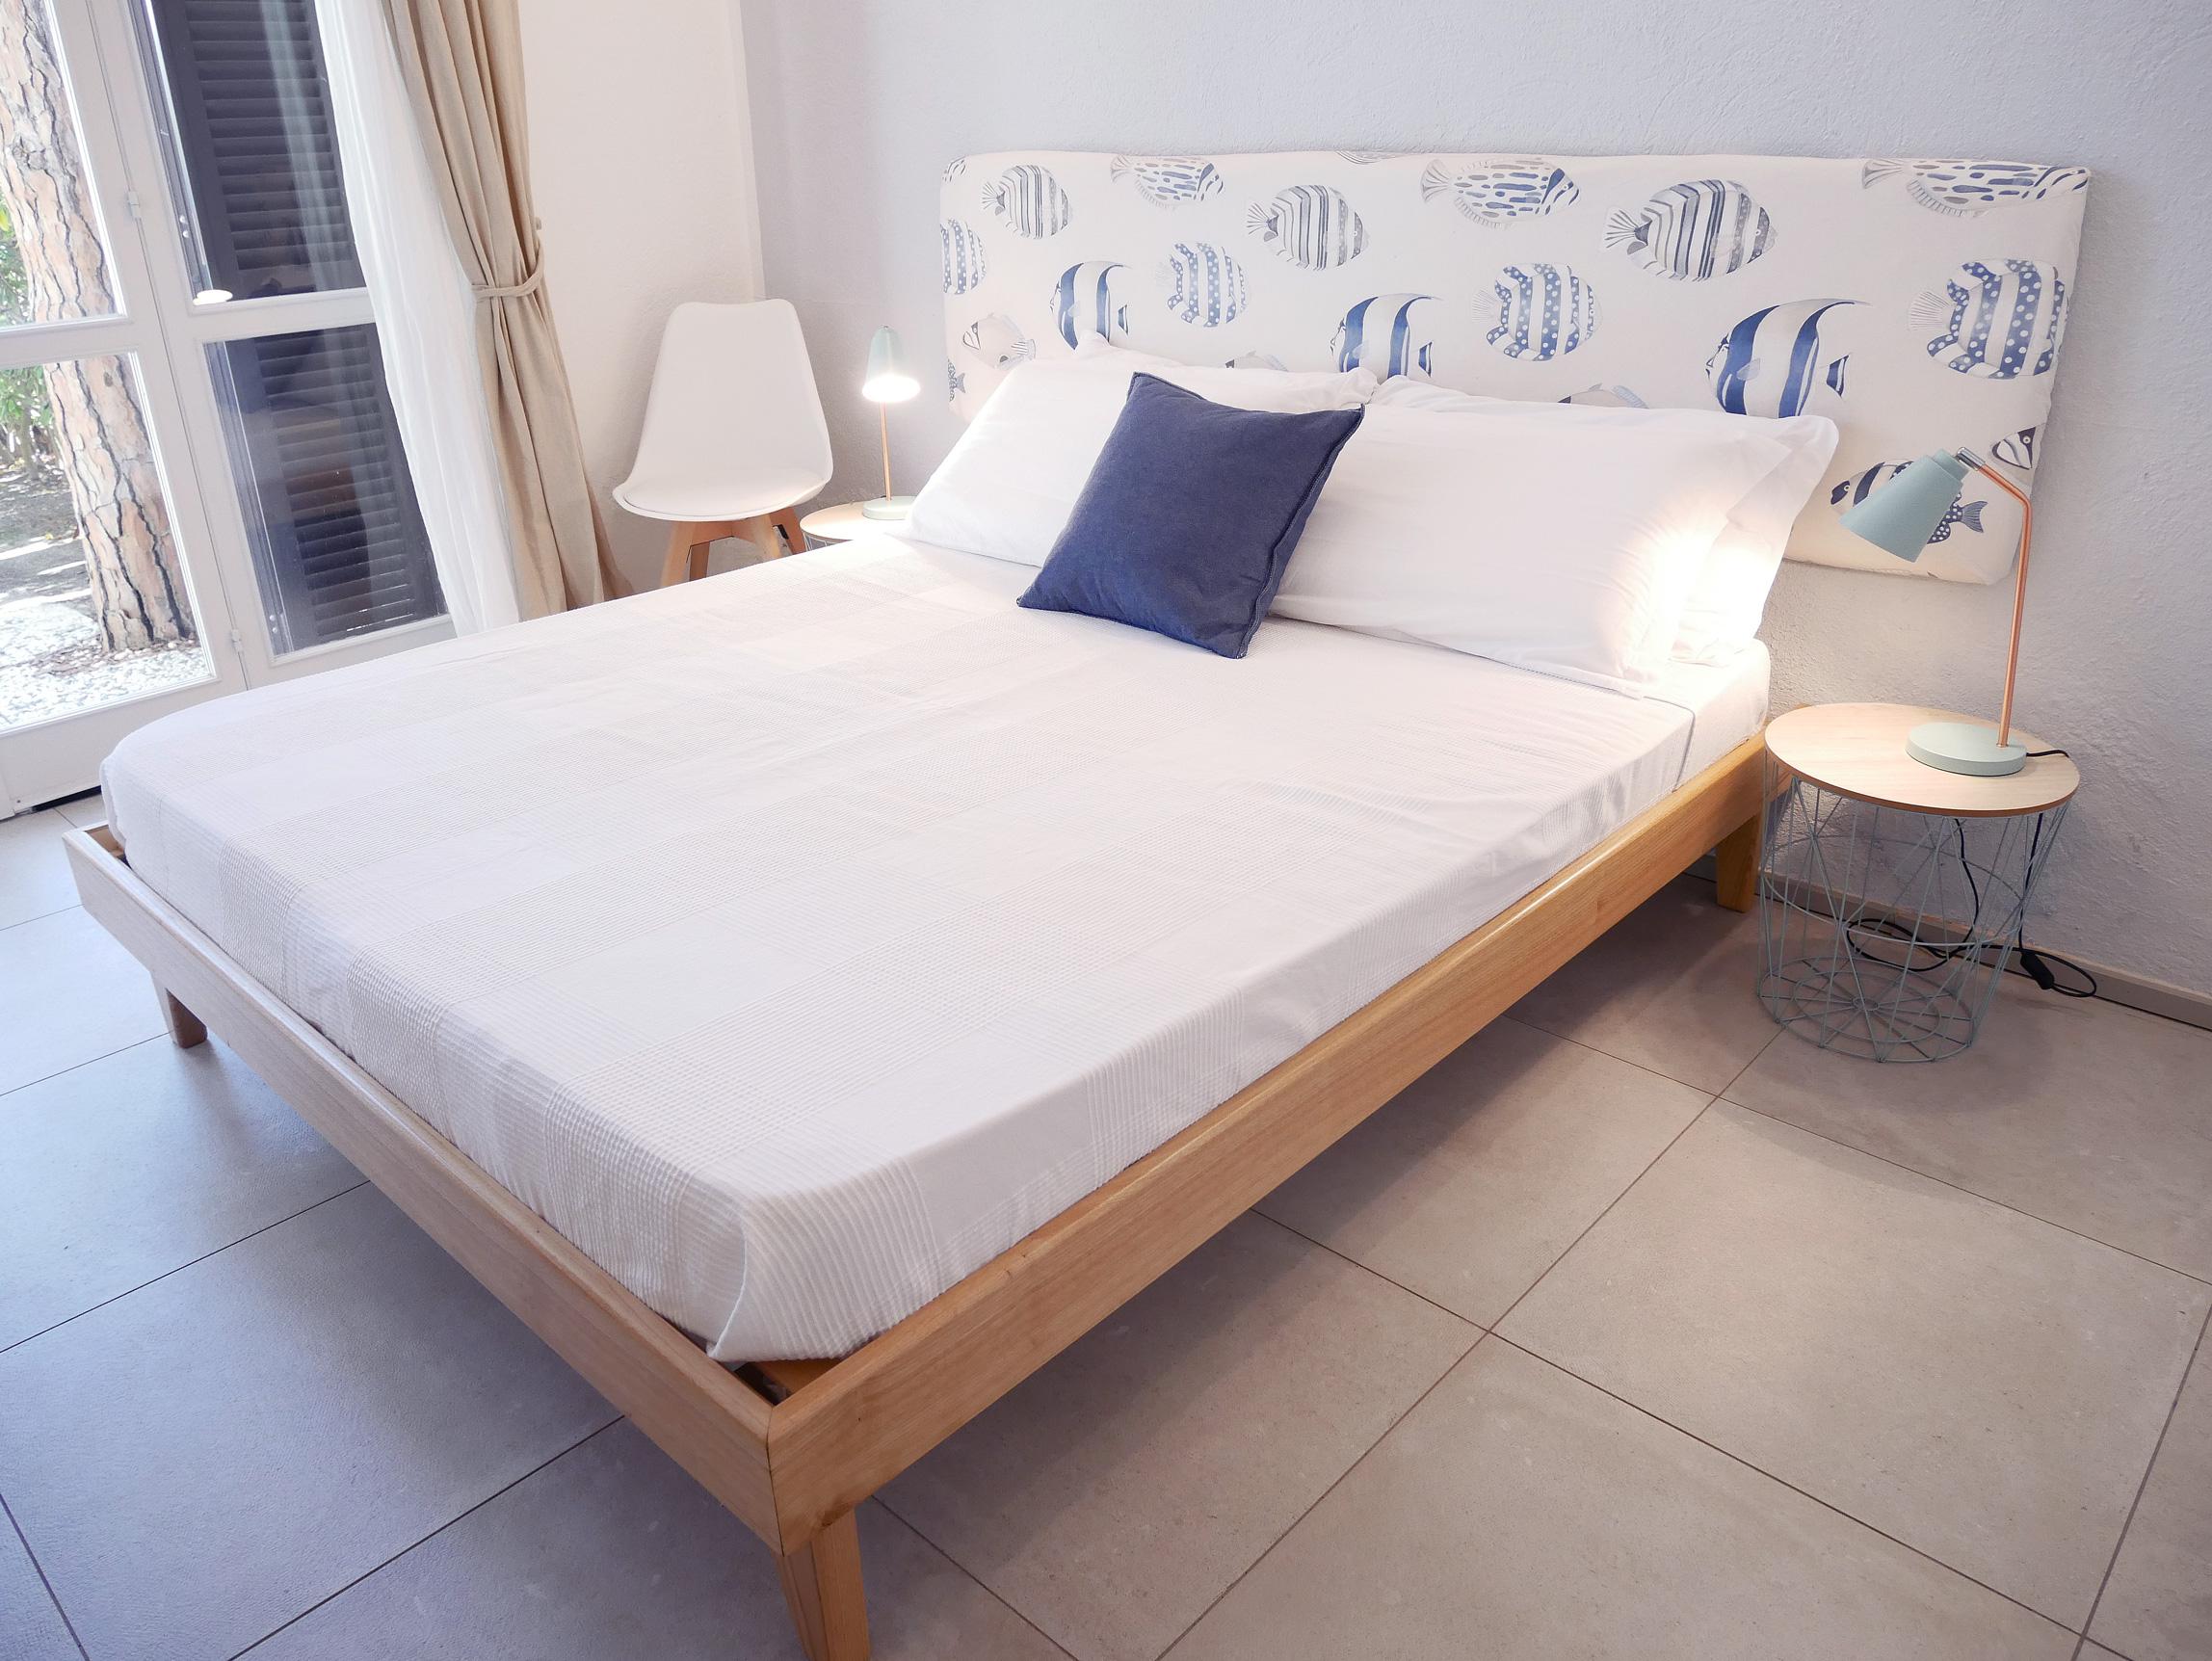 Villa Fantagalì - App. 503 a 30mt dal mare Direttamente sulla spiaggia di Marina di Campo, in pineta. Completamente ristrutturato nel 2017 . Con giardino e parcheggio privato, WiFI e aria condizionata. Ideale per famiglie con bambini.